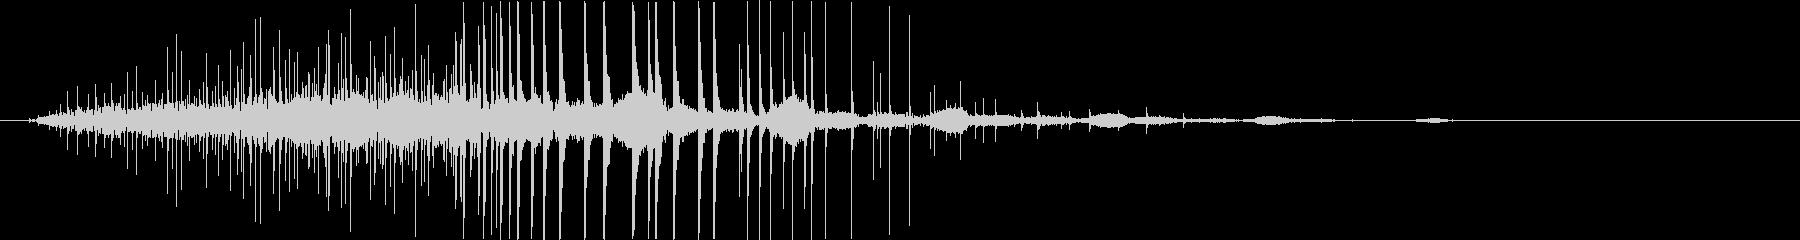 鋭い マーブルポットダーク09の未再生の波形